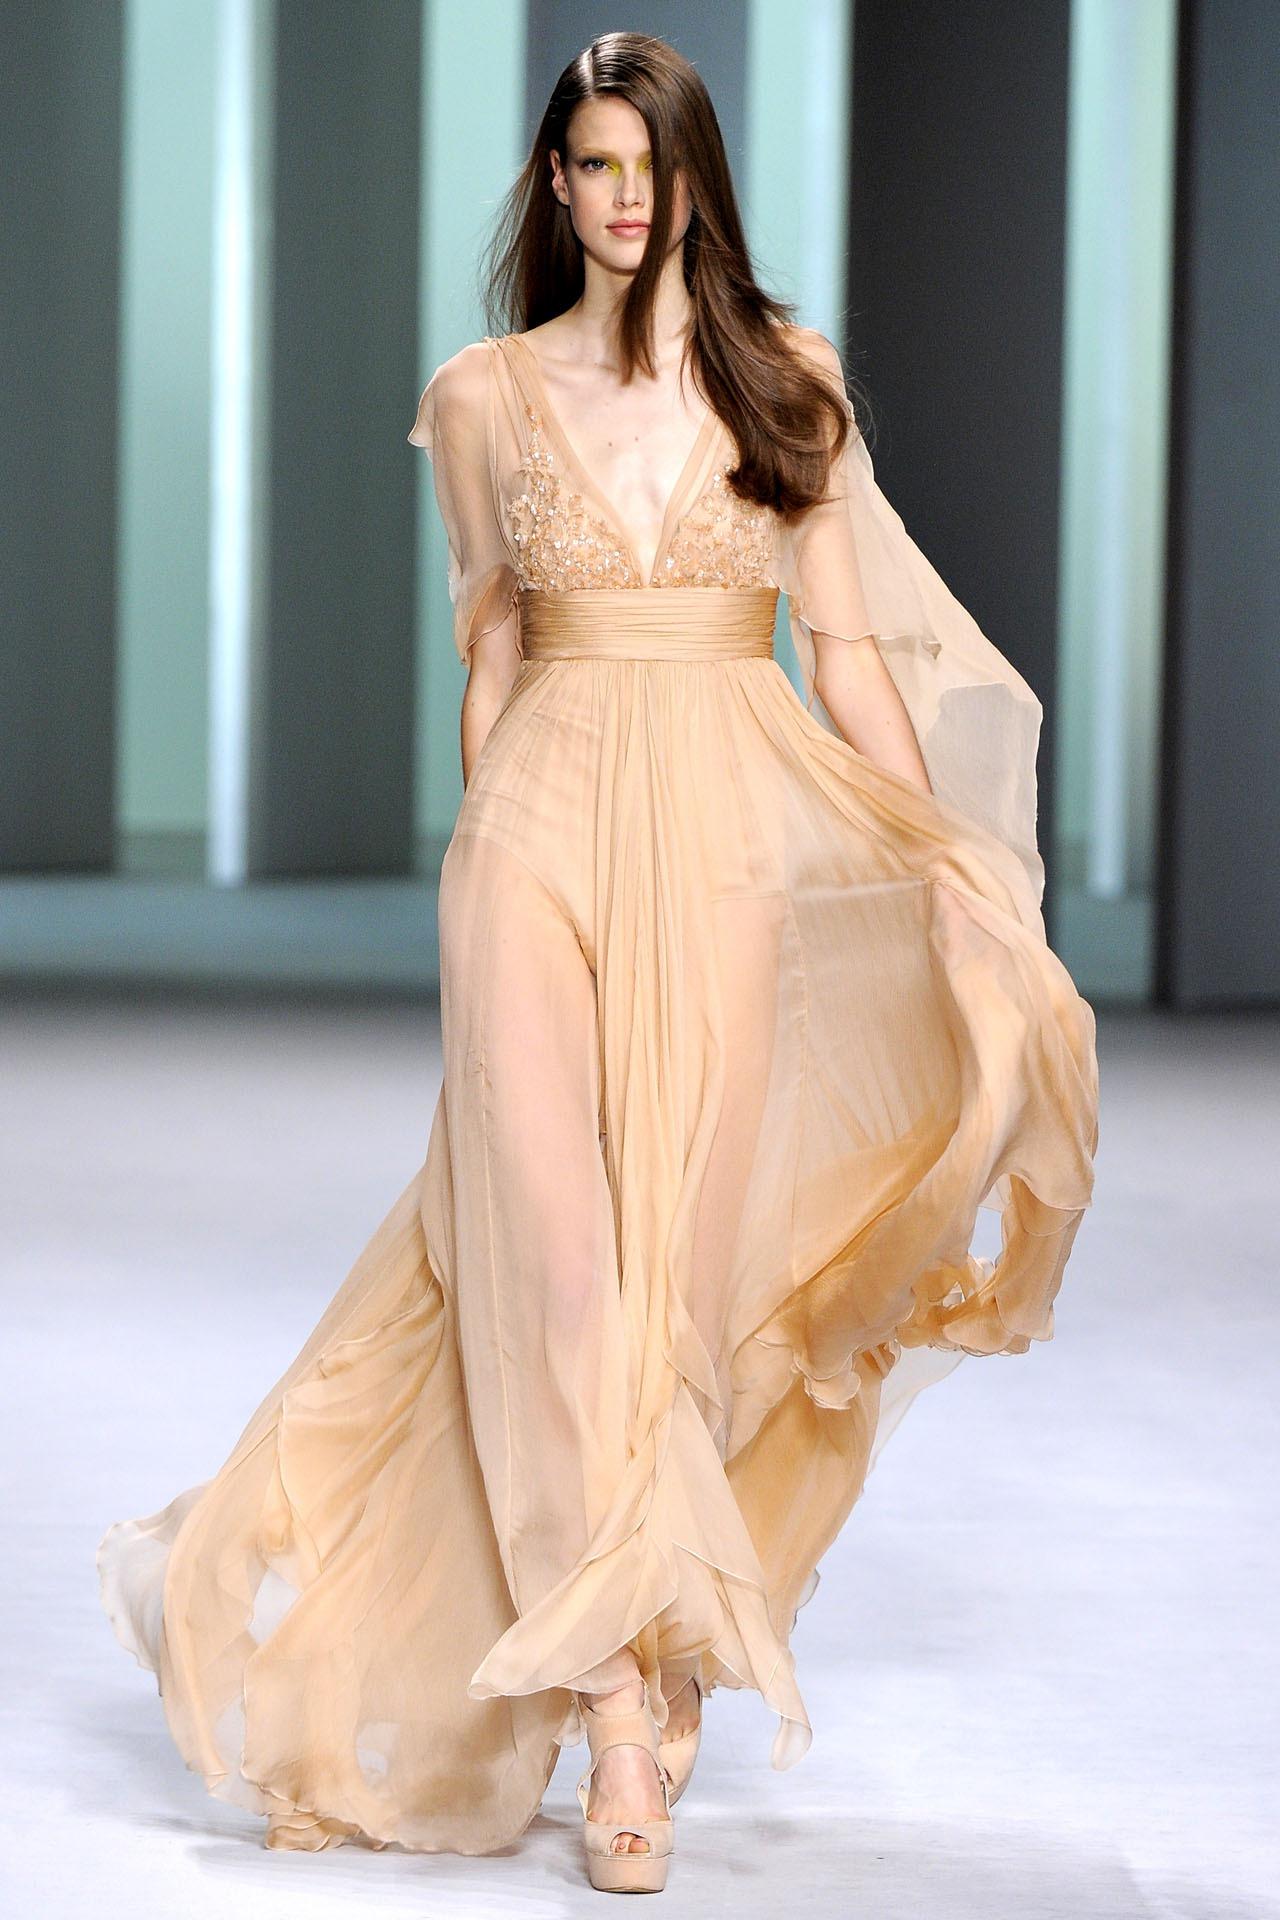 Из шифона можно создать просто потрясающие свадебные платья, которые будут способствовать созданию нежного и романтичного образа невесты